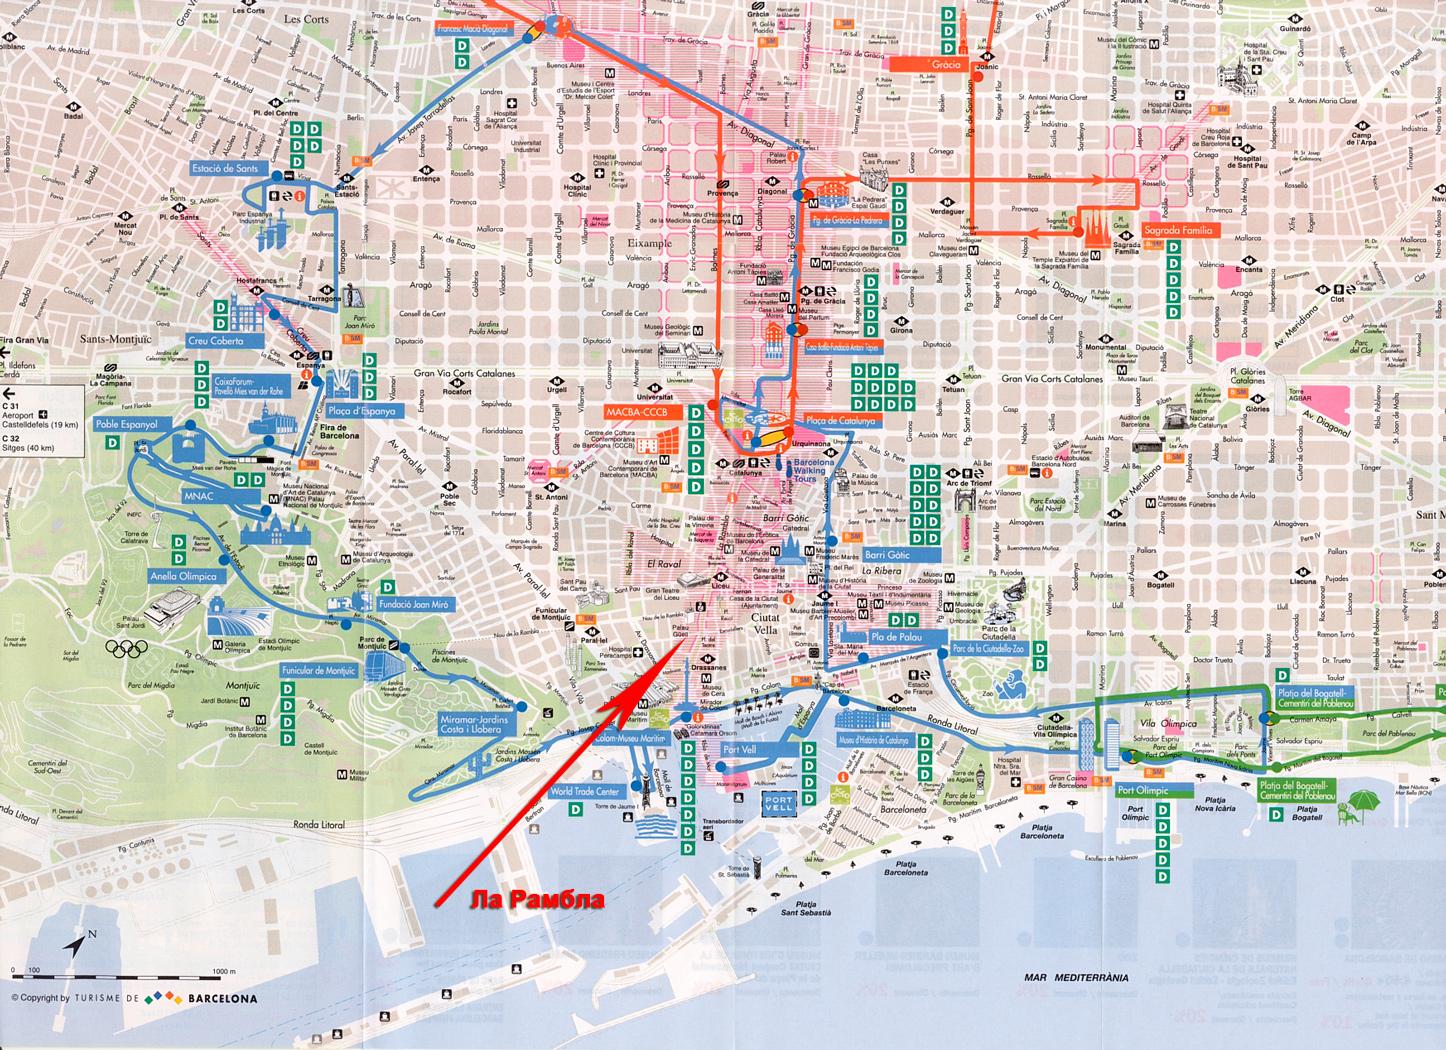 Улица Рамбла на карте Барселоны